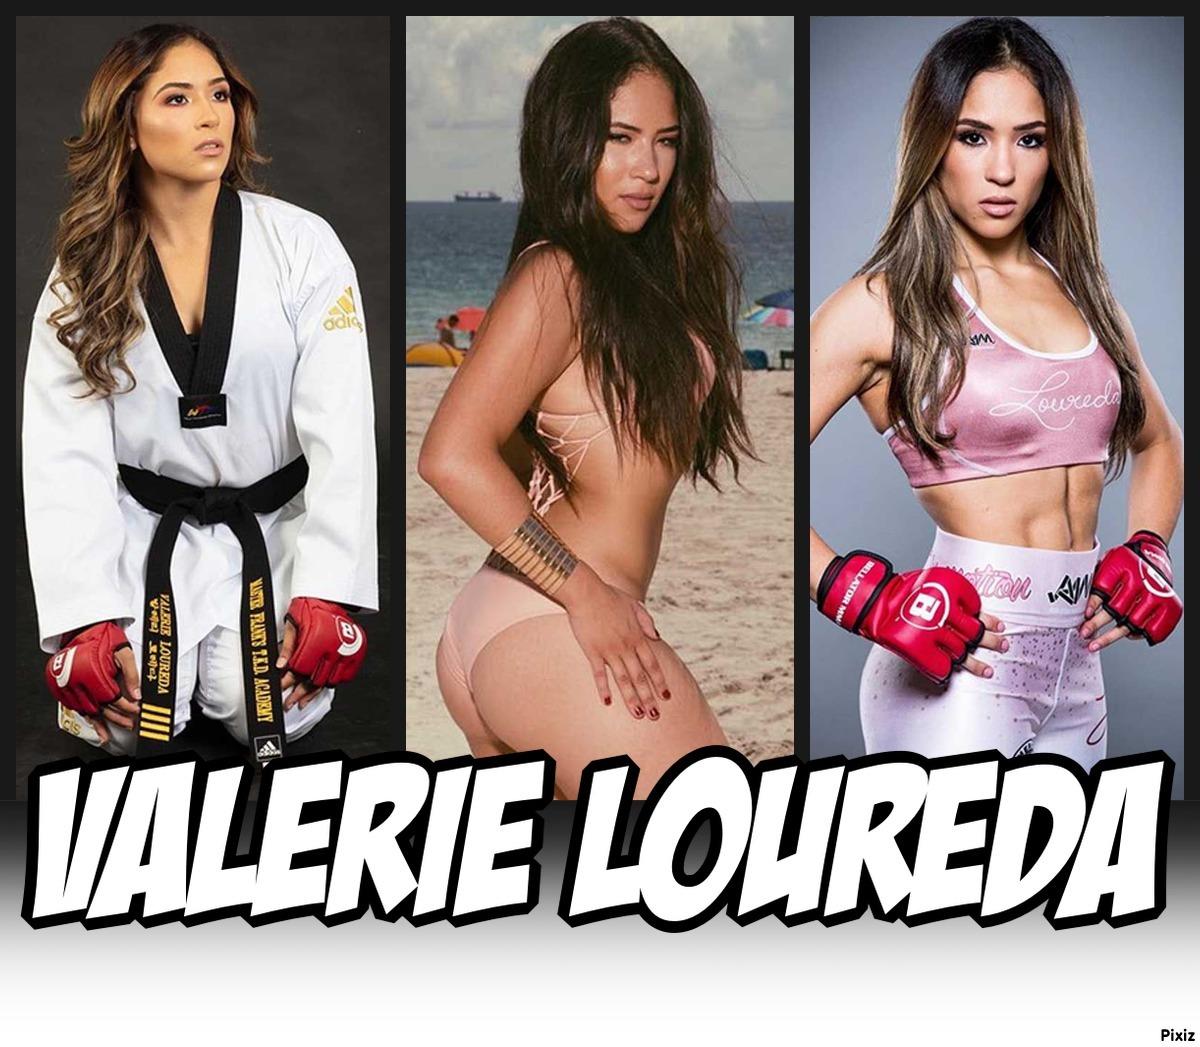 modelo, actriz y luchadora de Valerie Loureda, la última sensación...